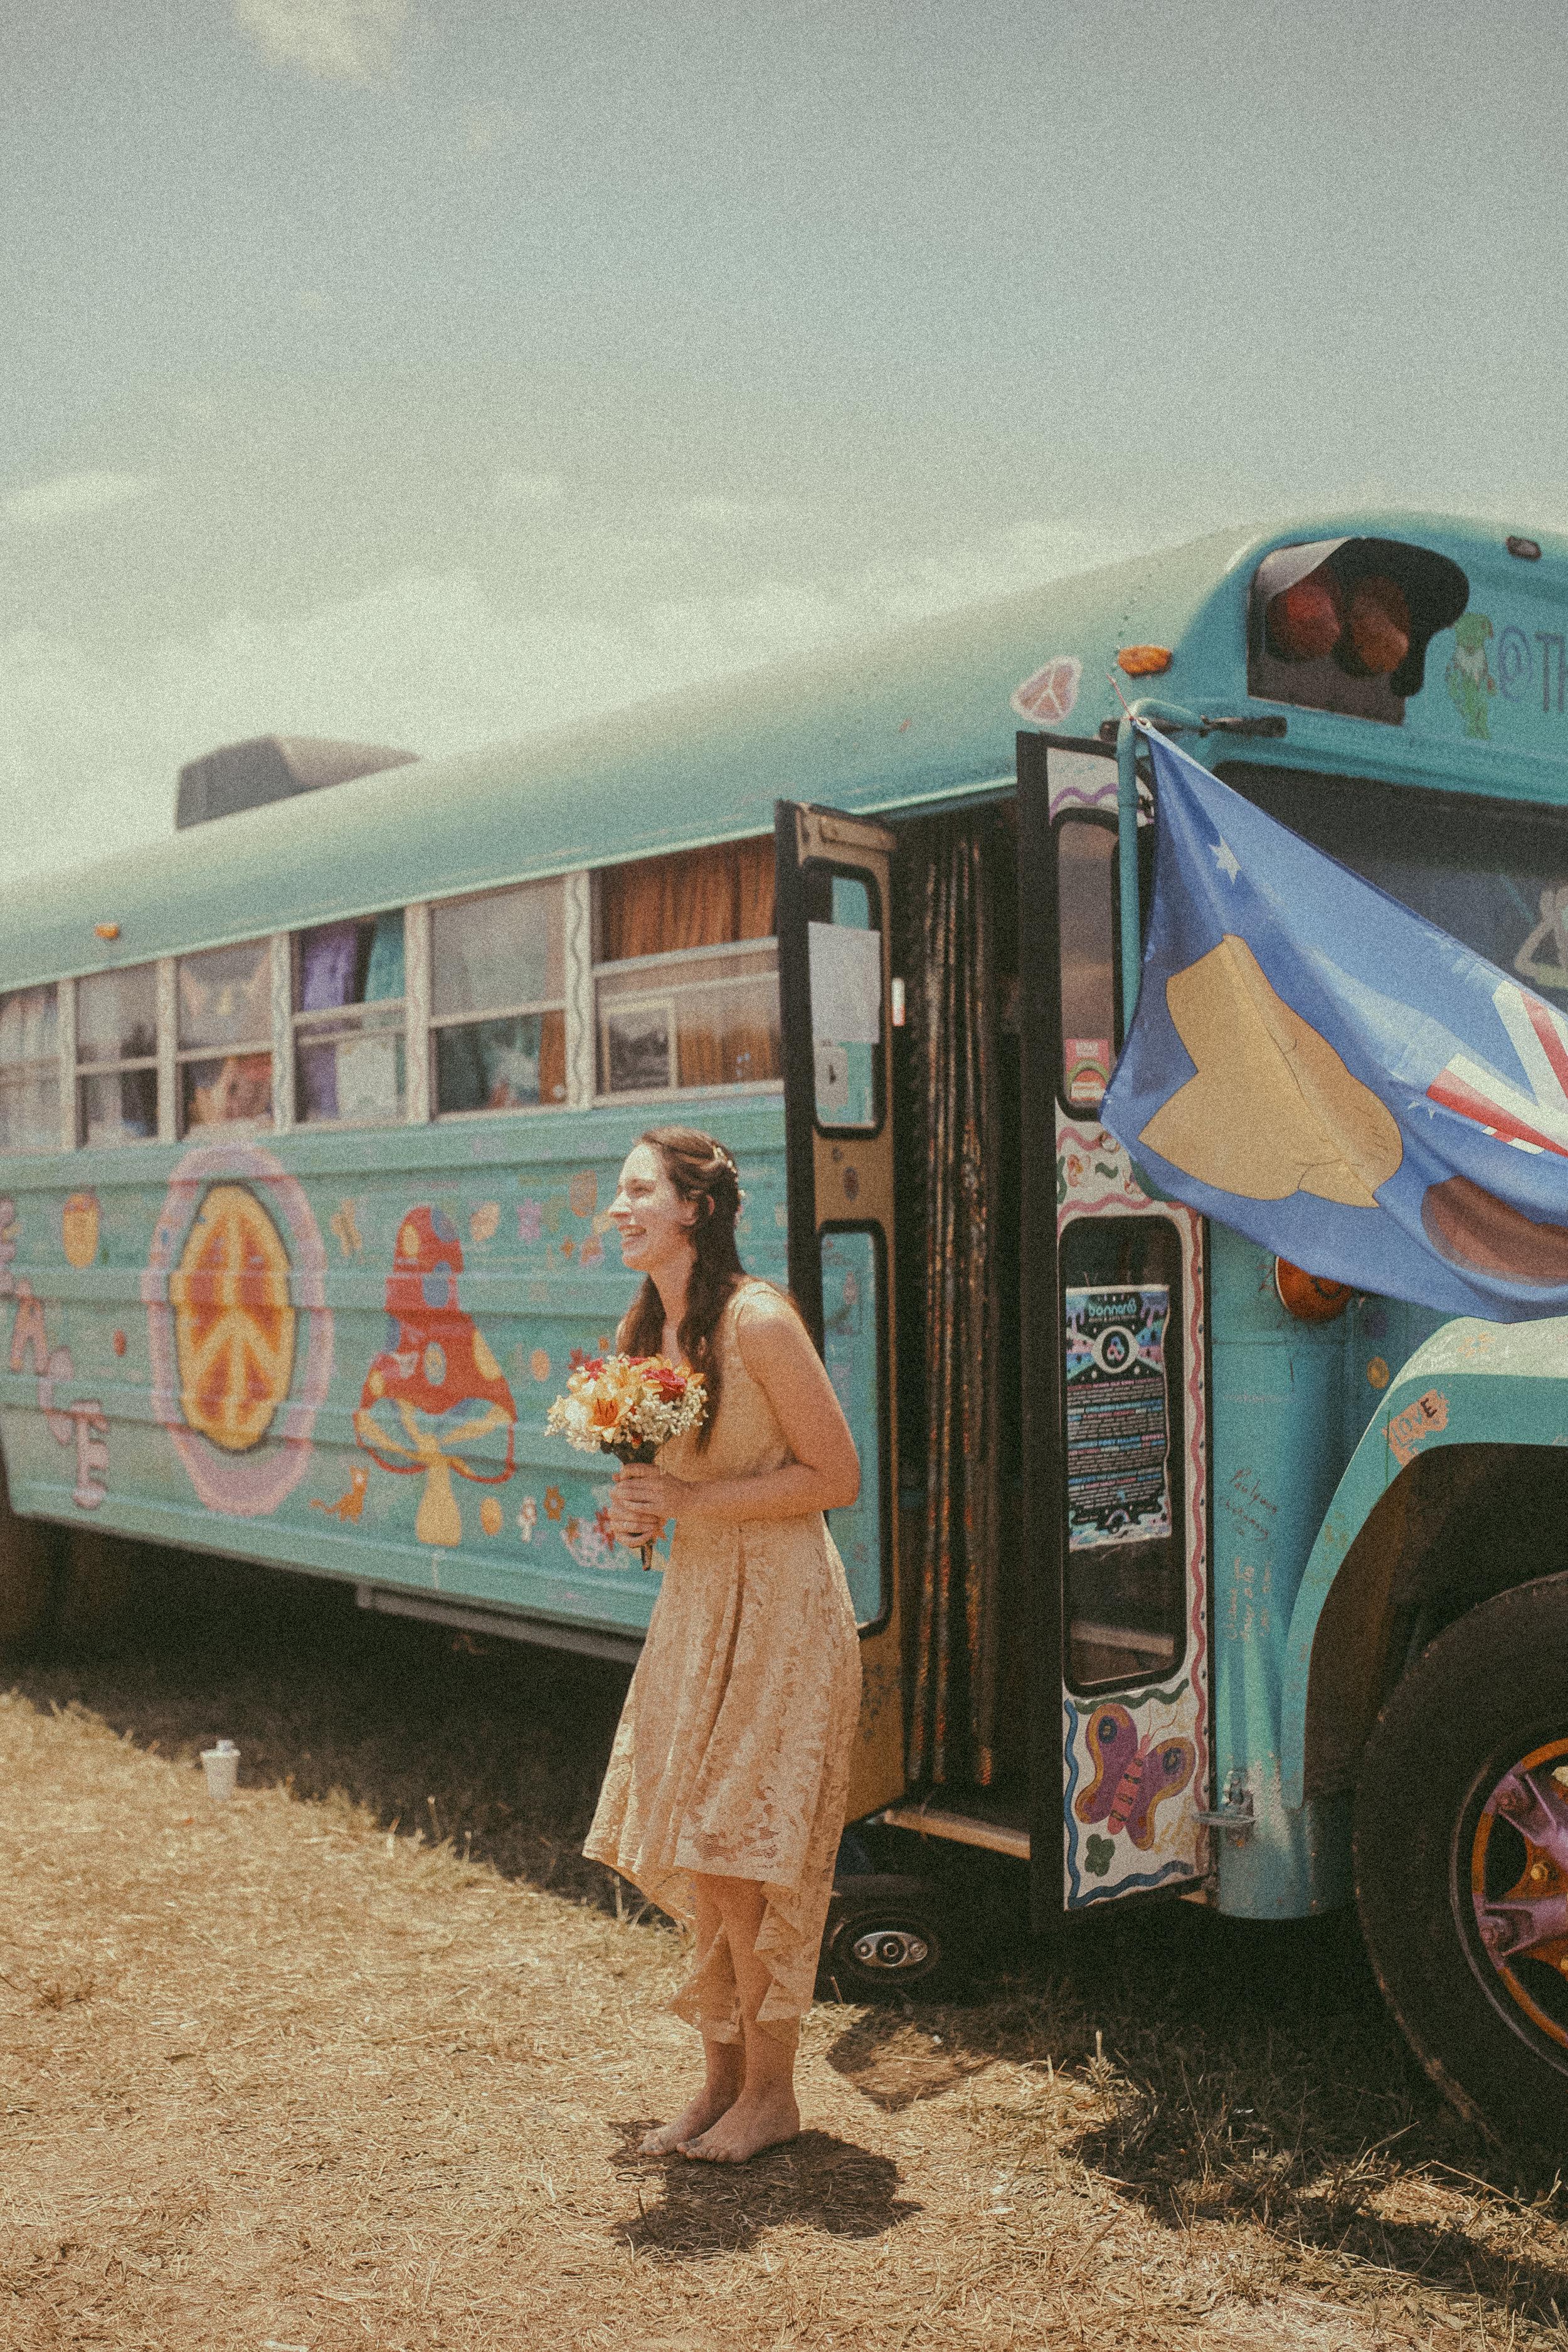 Bonnaroo-MusicFestivalWedding-Brittany&Kevin-7.jpg